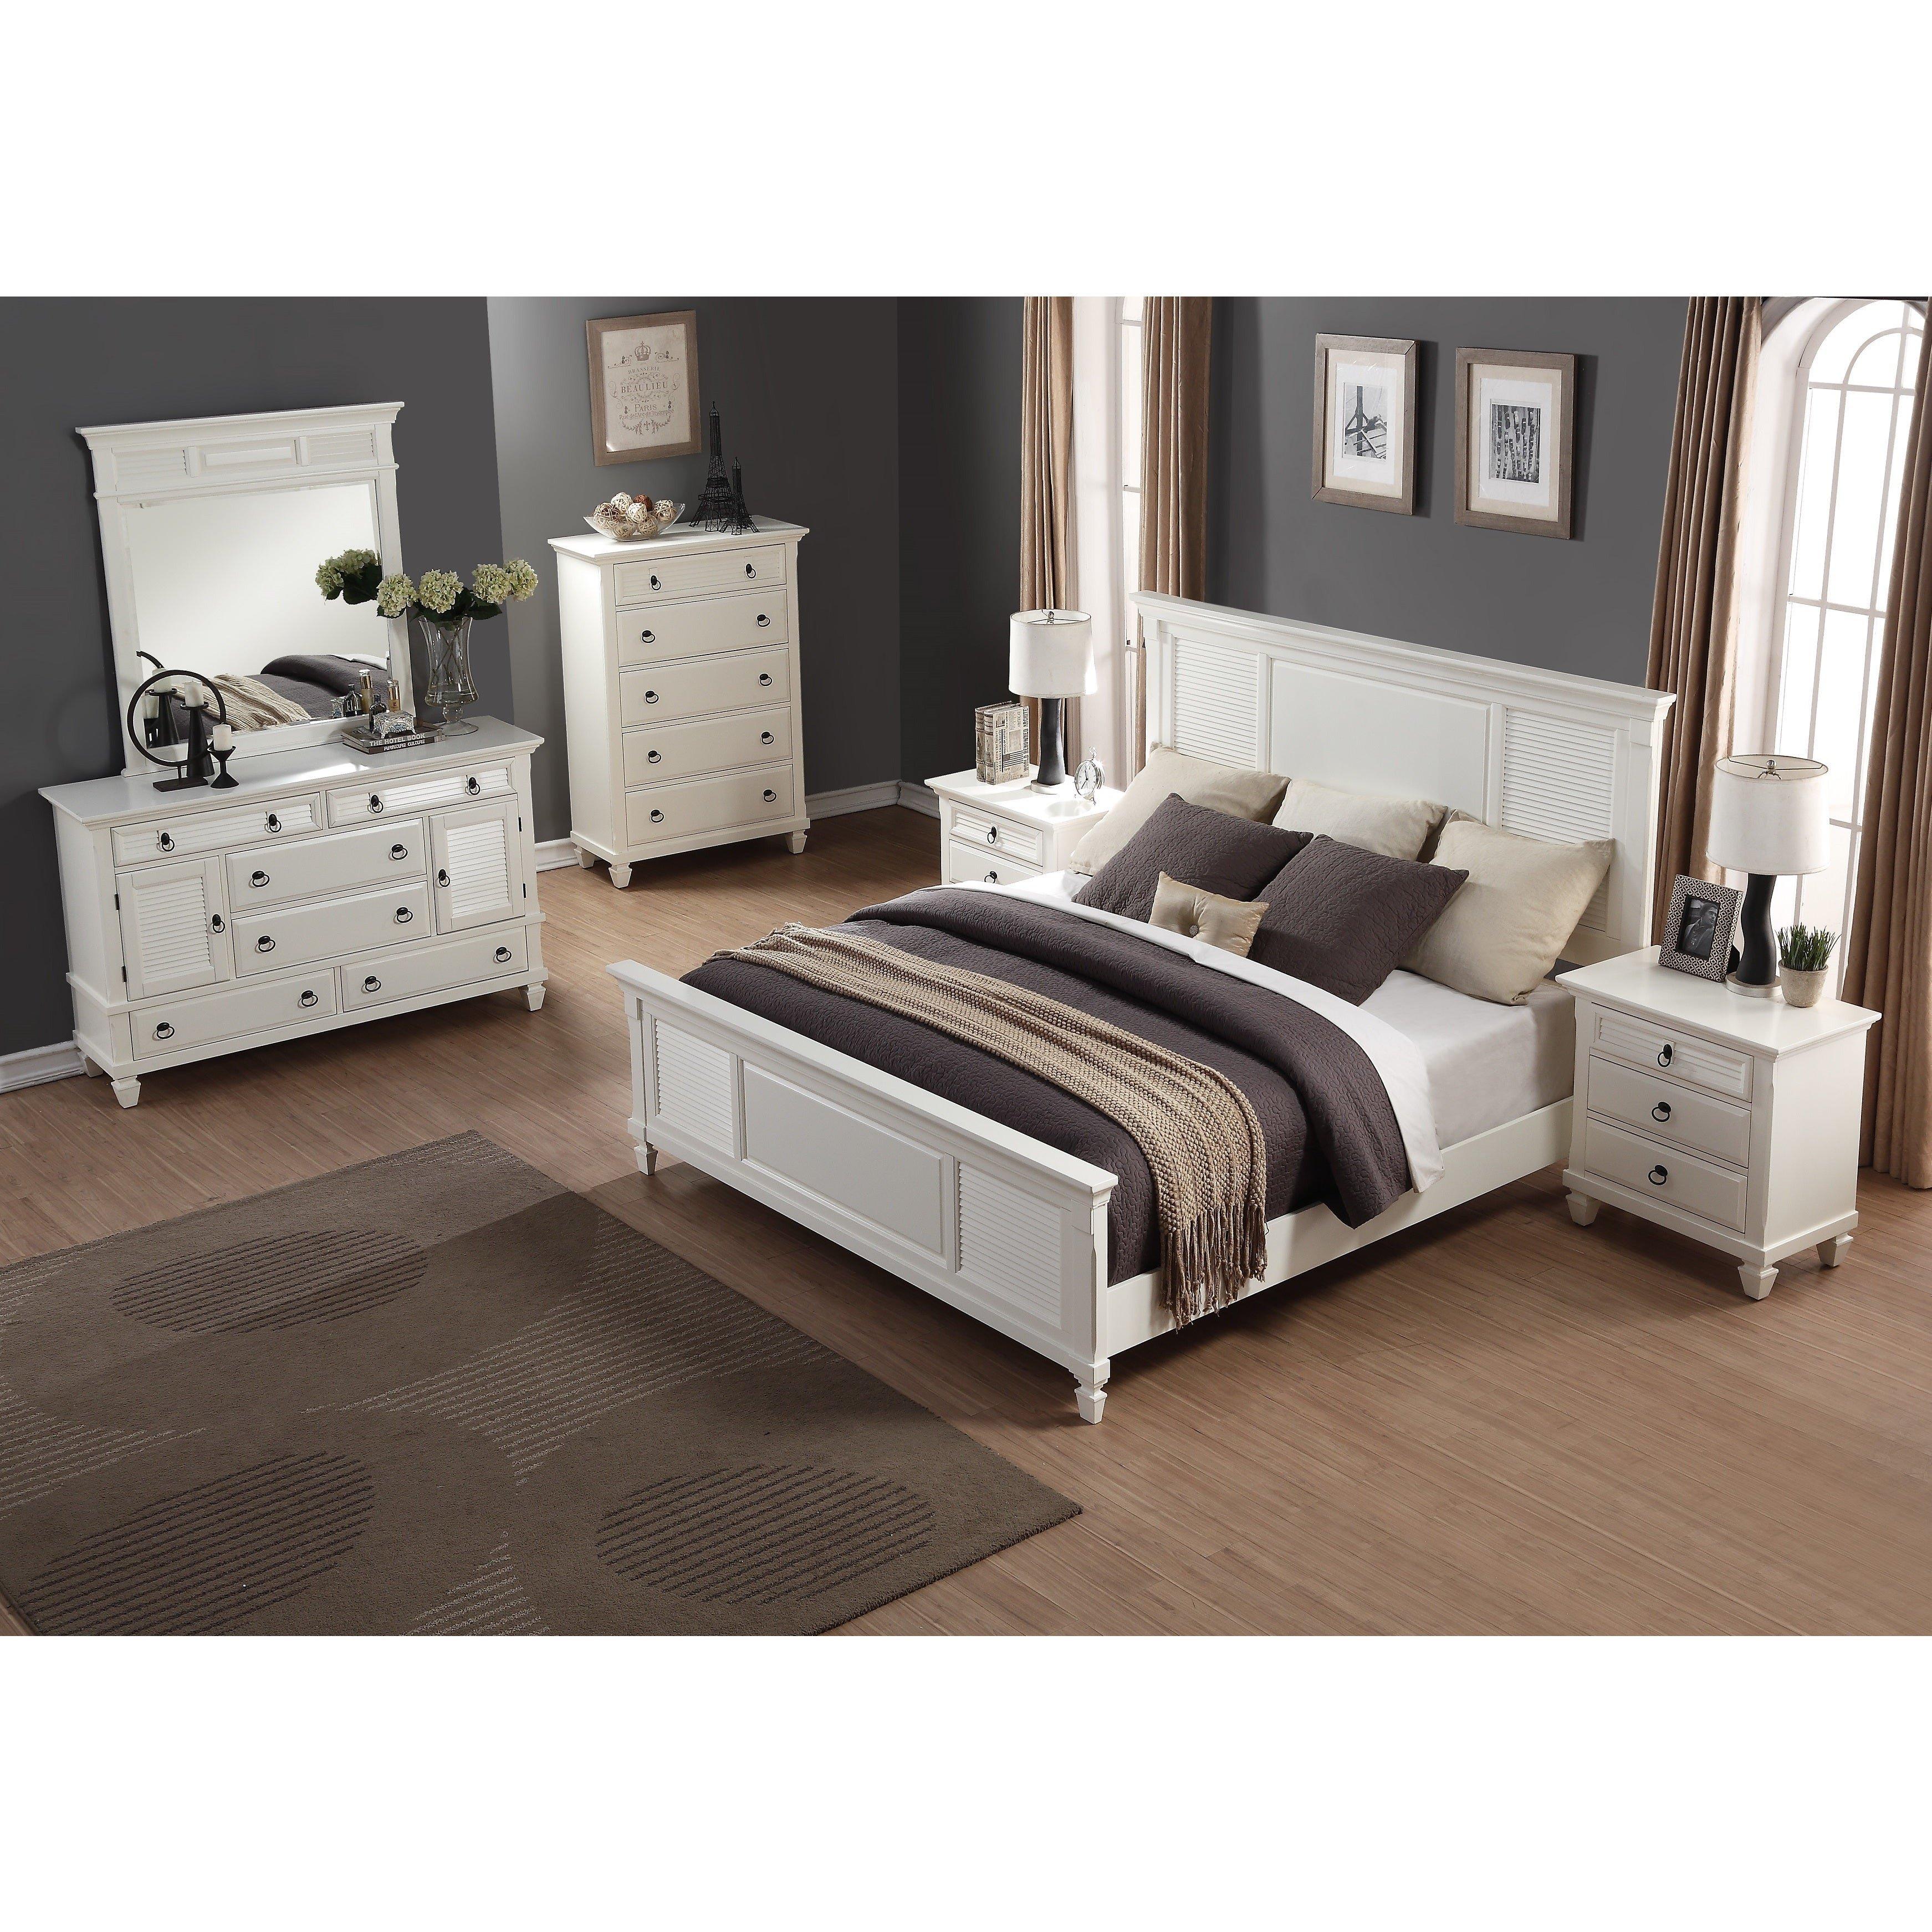 Grey Queen Bedroom Set New Regitina White 6 Piece Queen Size Bedroom Furniture Set